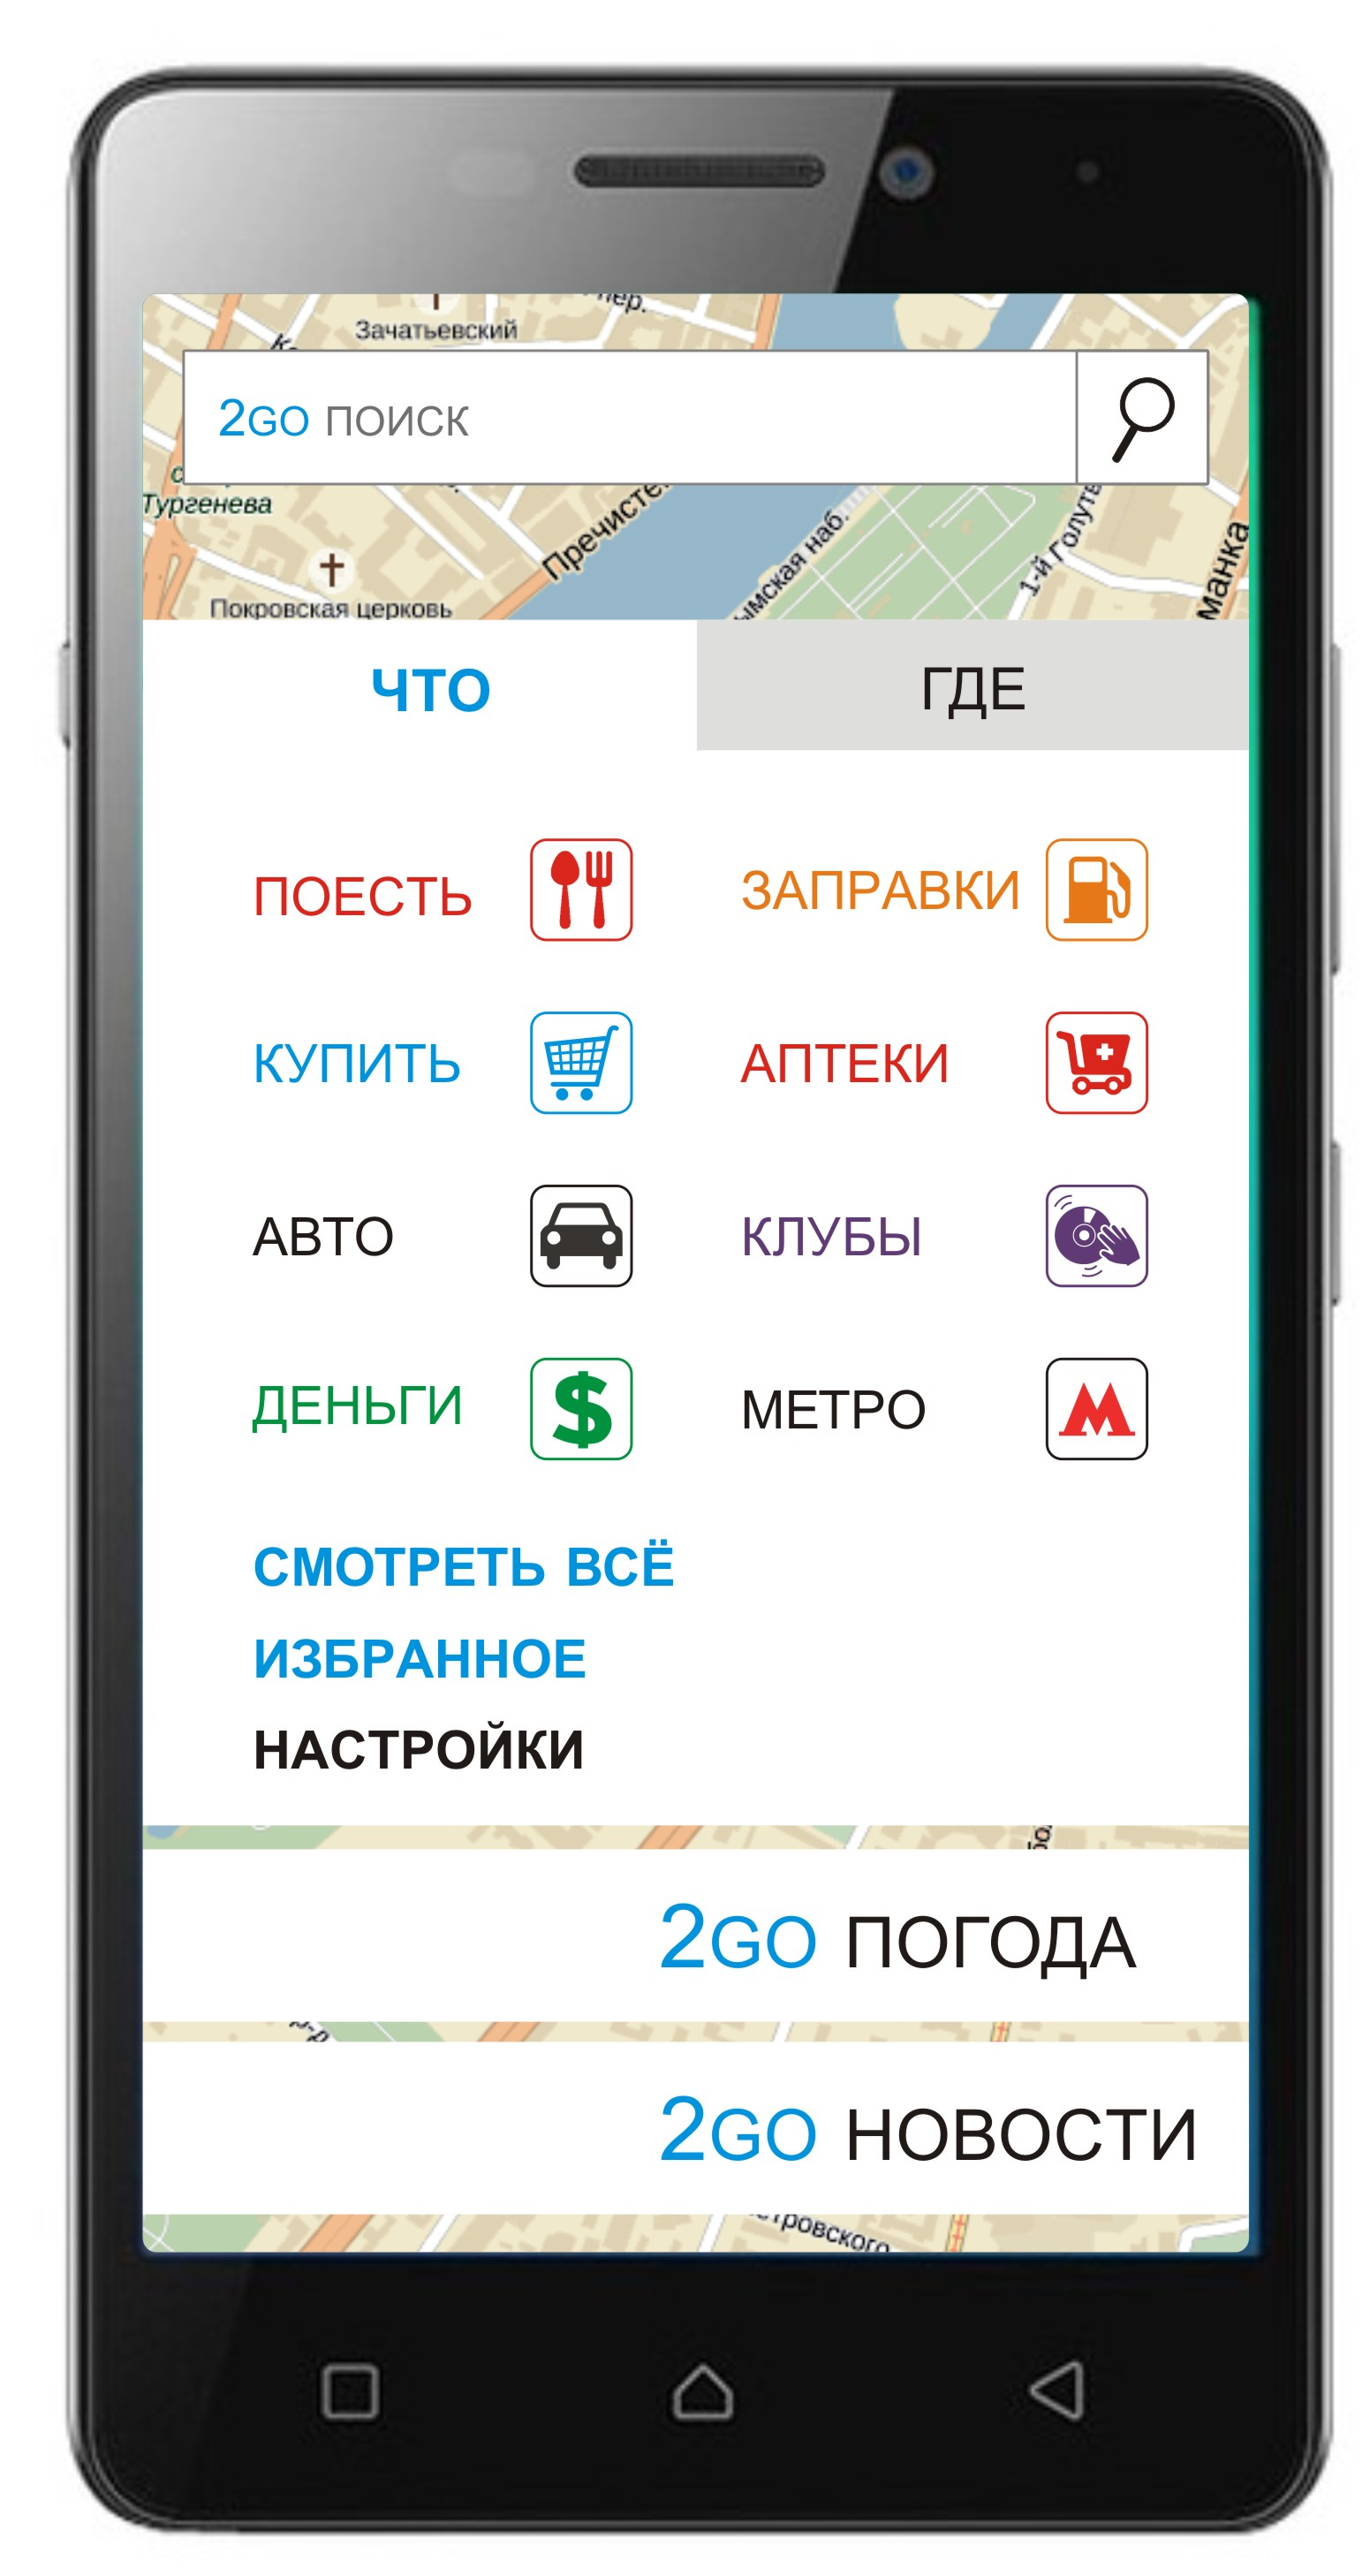 Разработать логотип и экран загрузки приложения фото f_8505a874d05da7c1.jpg